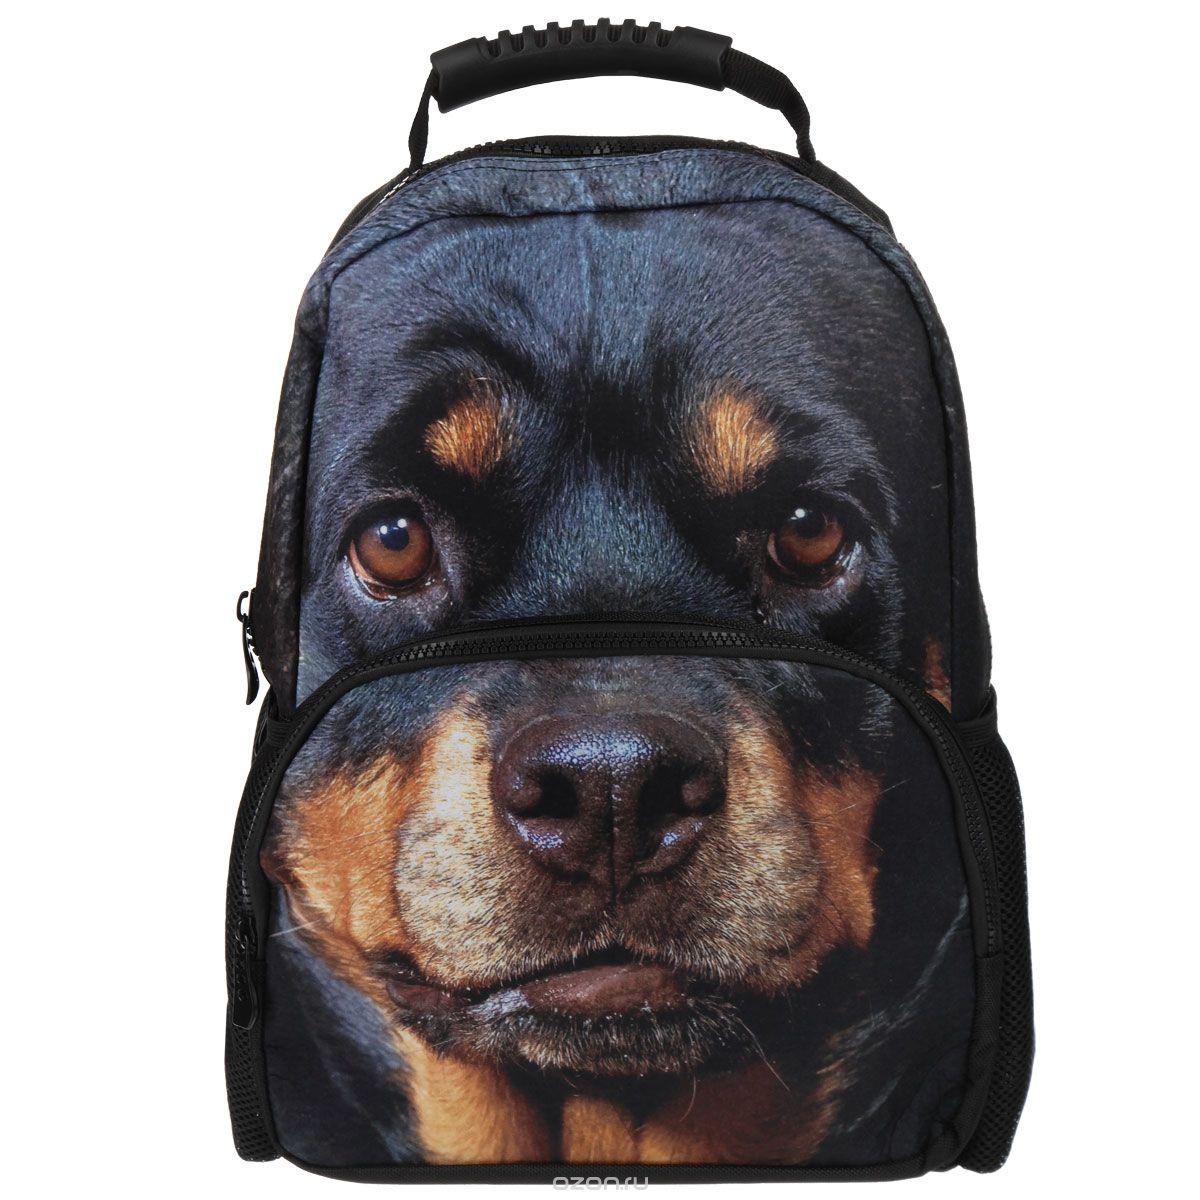 Рюкзак Trend Line Security dog, цвет: черный. NR_00039NR_00039Стильный школьный рюкзак Trend Line Security dog выполнен из полиэстера, дополнен вставкой из флиса, которая оформлена художественной печатью с изображением собаки. Рюкзак имеет одно основное отделение, закрывающееся на застежку-молнию. Снаружи, на лицевой стороне, рюкзака размещен накладной карман на молнии, внутри которого предусмотрен еще один накладной карман на липучке. С двух сторон изделия расположены два накладных сетчатых кармашка. В верхней части изделия предусмотрена эргономичная ручка для переноски, а также предусмотрены регулируемые лямки. Такой рюкзак станет незаменимым спутником вашего ребенка в походах за знаниями.